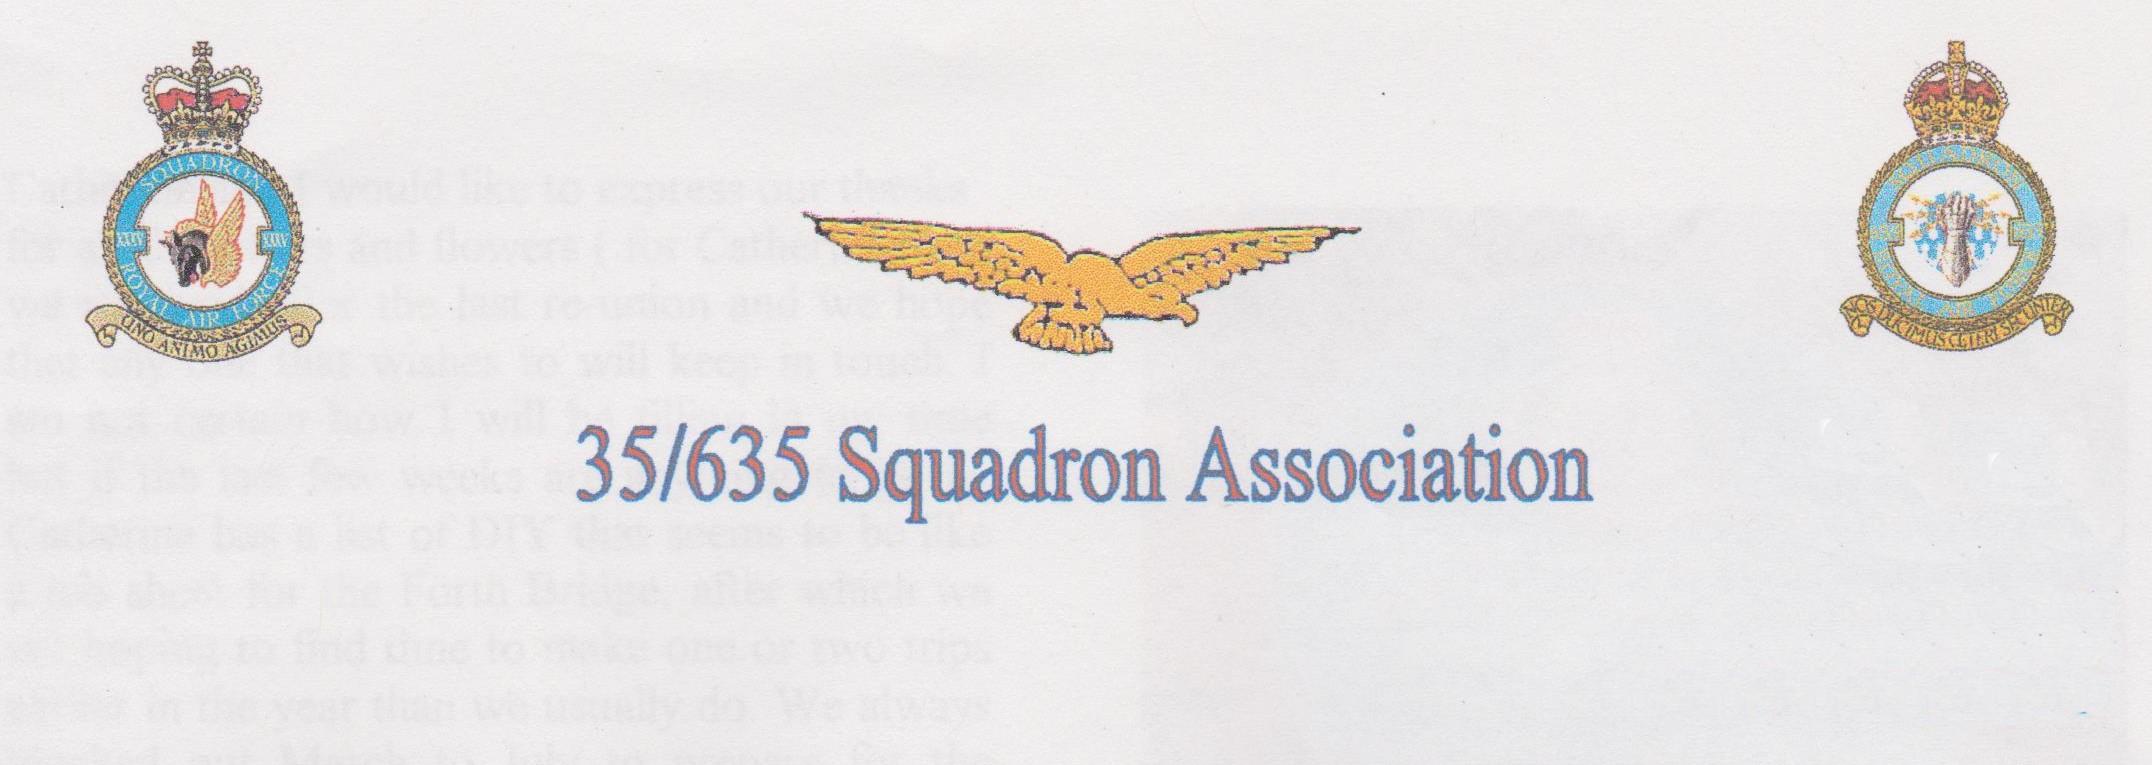 35 - 635 Association Logo 001.jpg